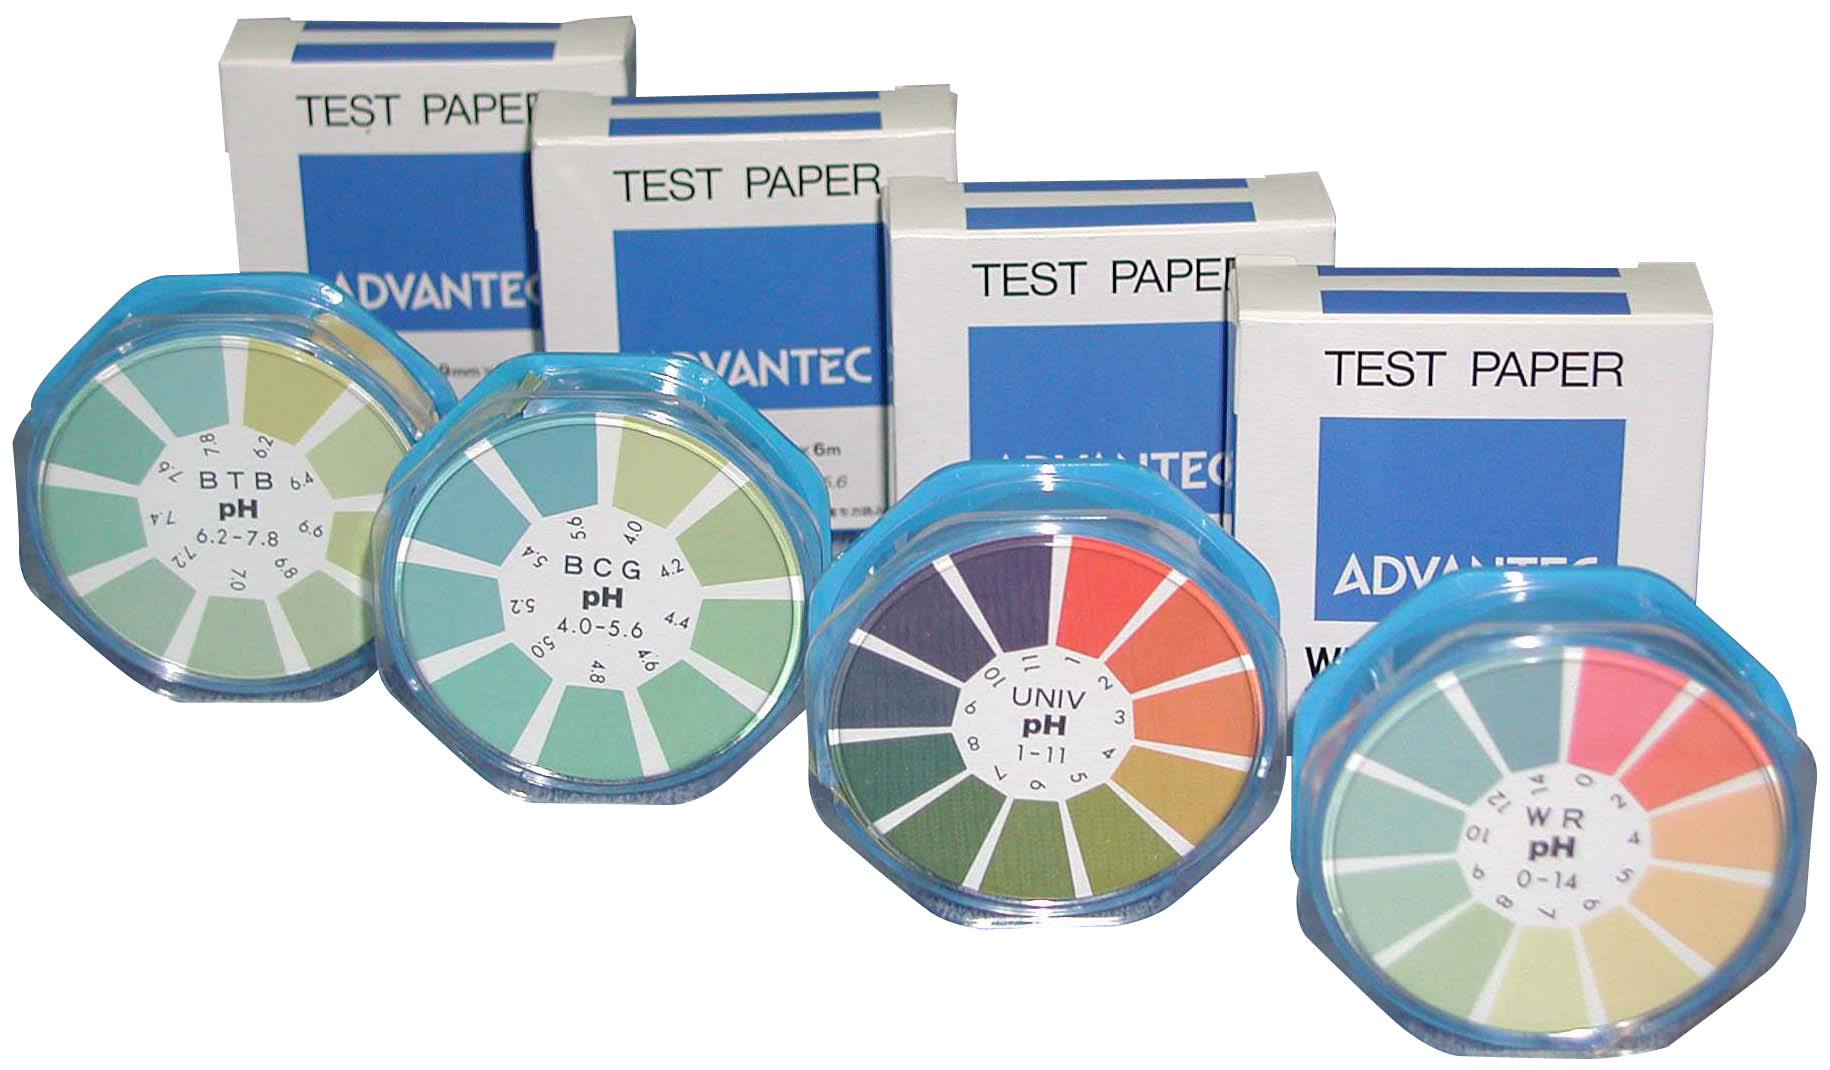 pH試験紙ロールタイプ A:0〜14pH全域 B:1〜11pH万能 C: D: